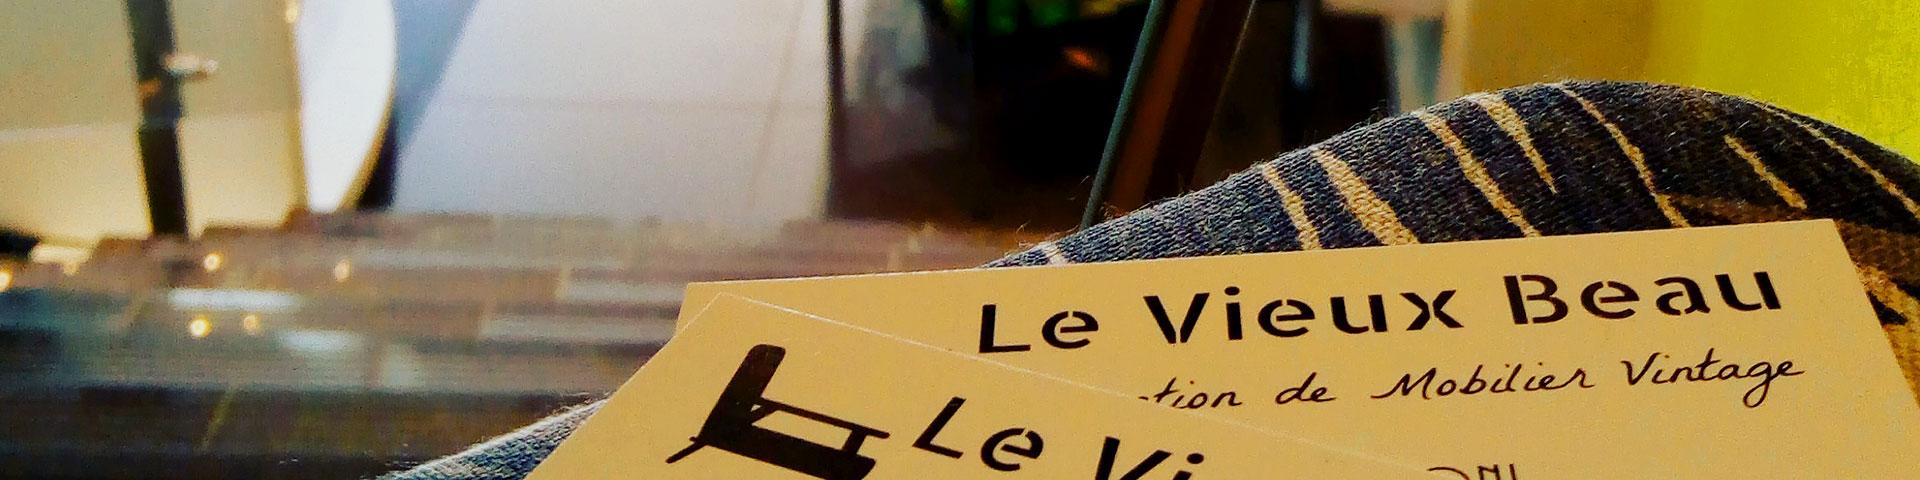 Contactez l'atelier Le Vieux Beau pour plus d'informations sur ses meubles vintage ou si vous souhaitez faire rénover un fauteuil tapissier